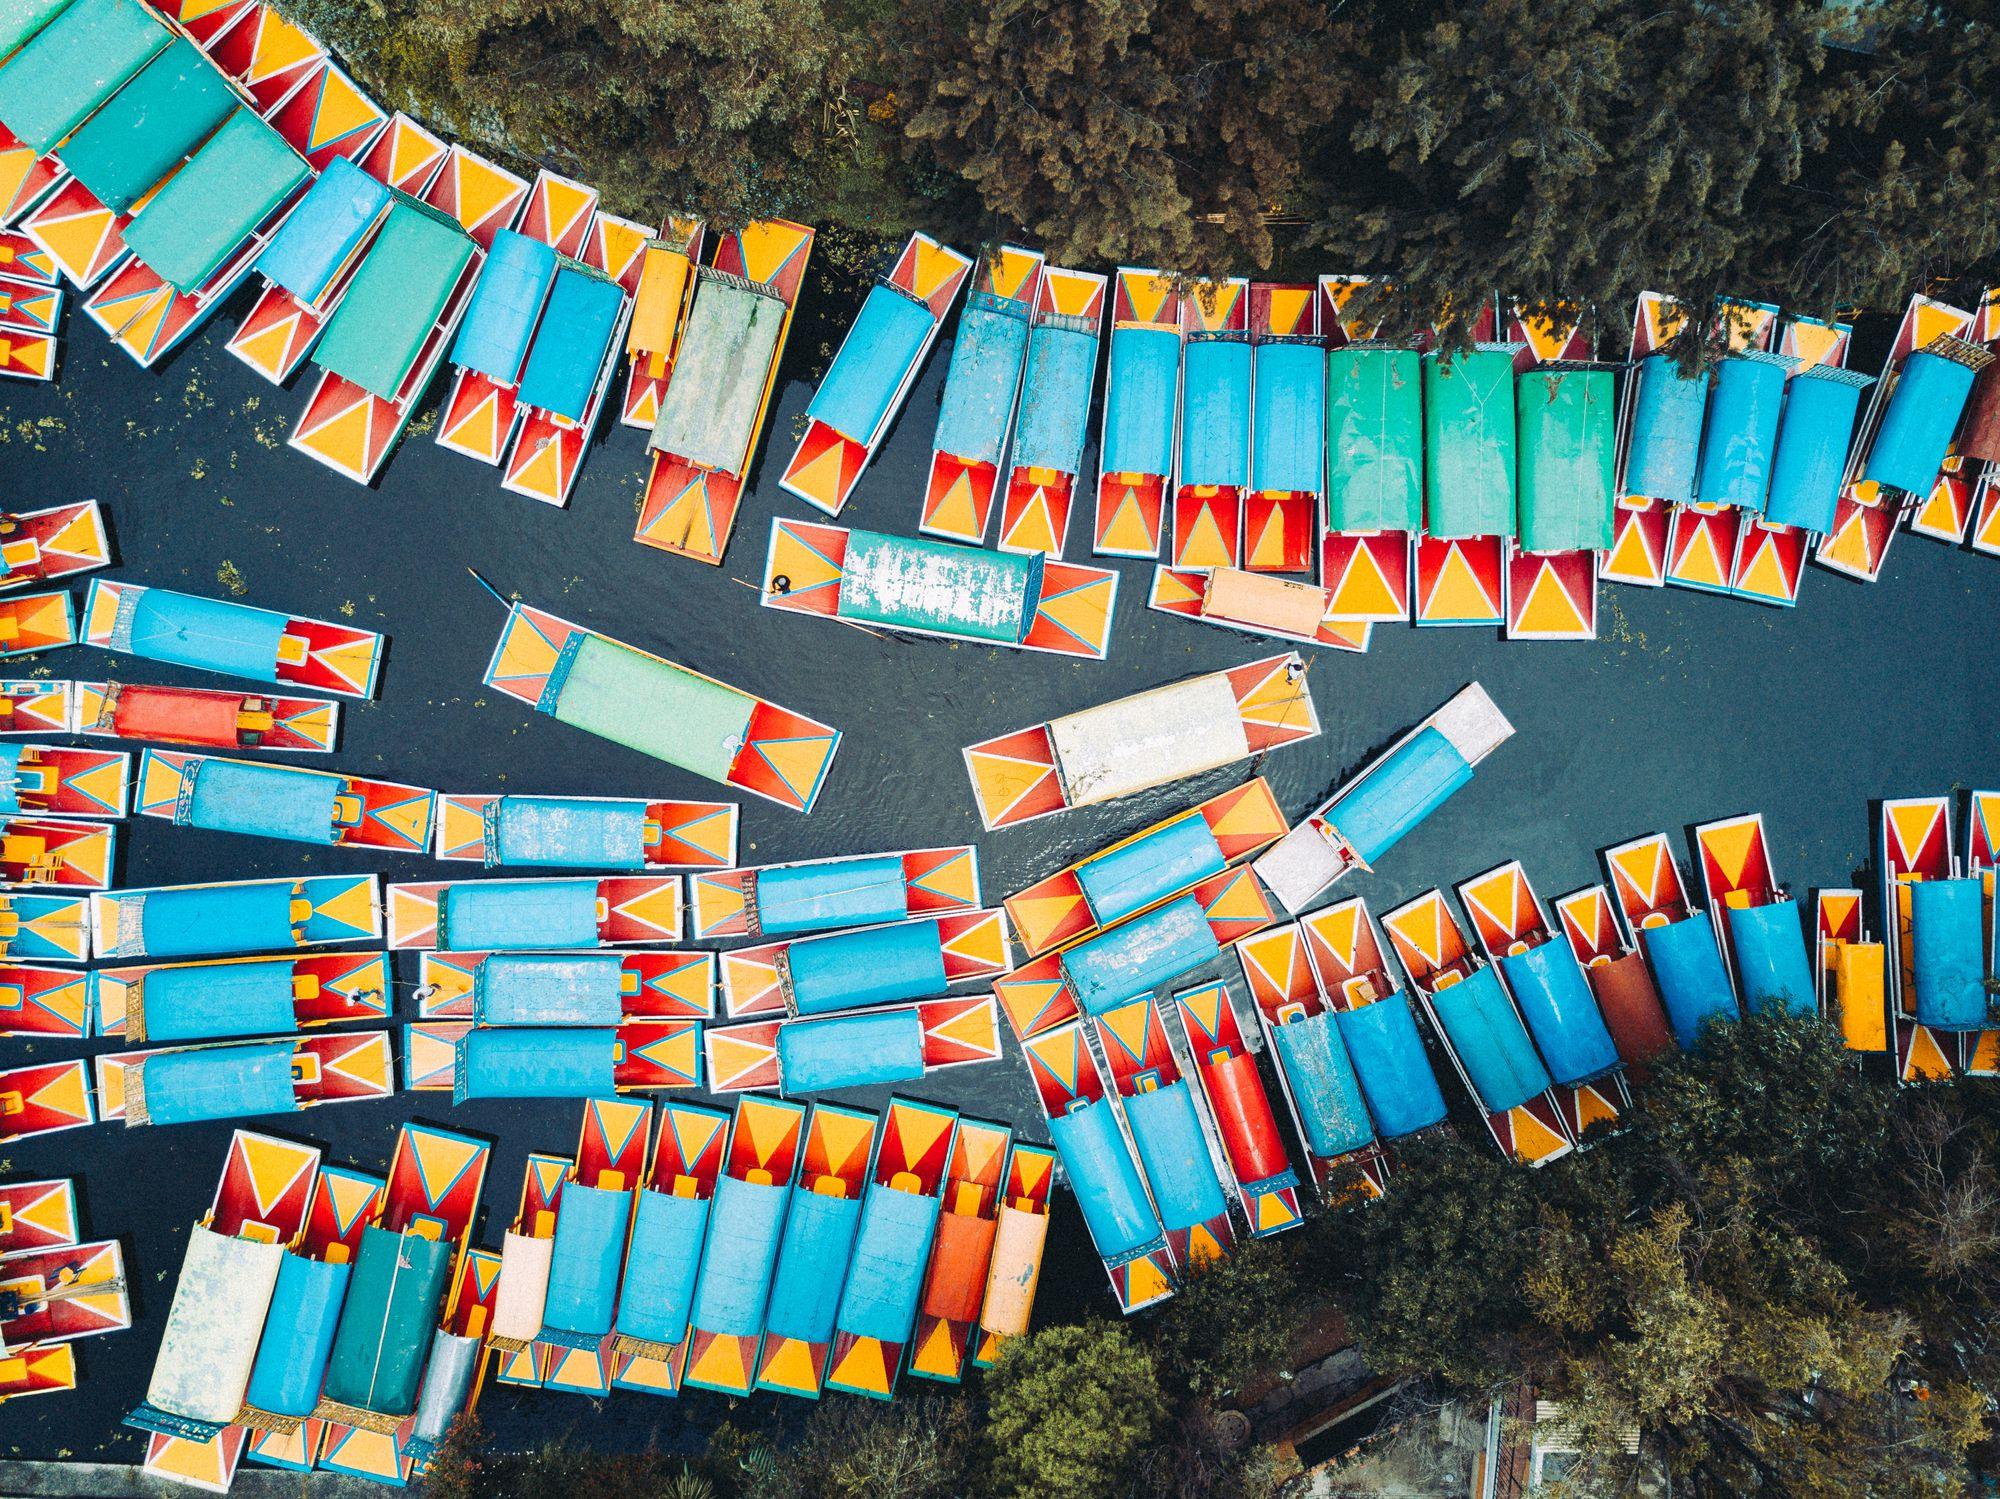 'Trajinera' boats in the Xochimilco's canals